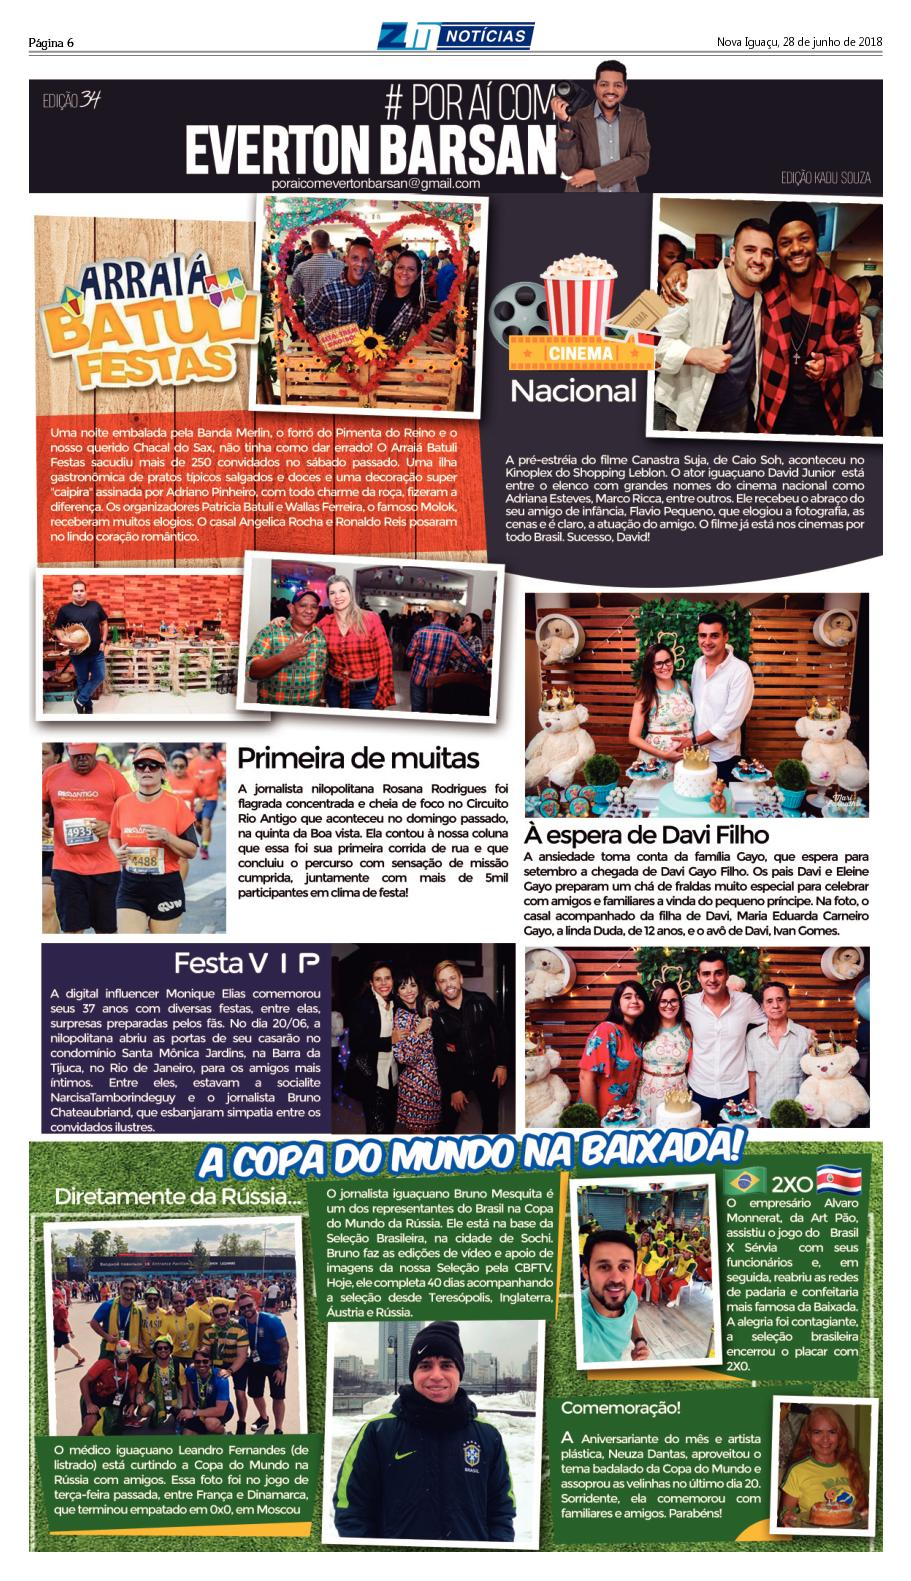 Circuito Rio Antigo : Zm noticias edição 280618 calameo downloader